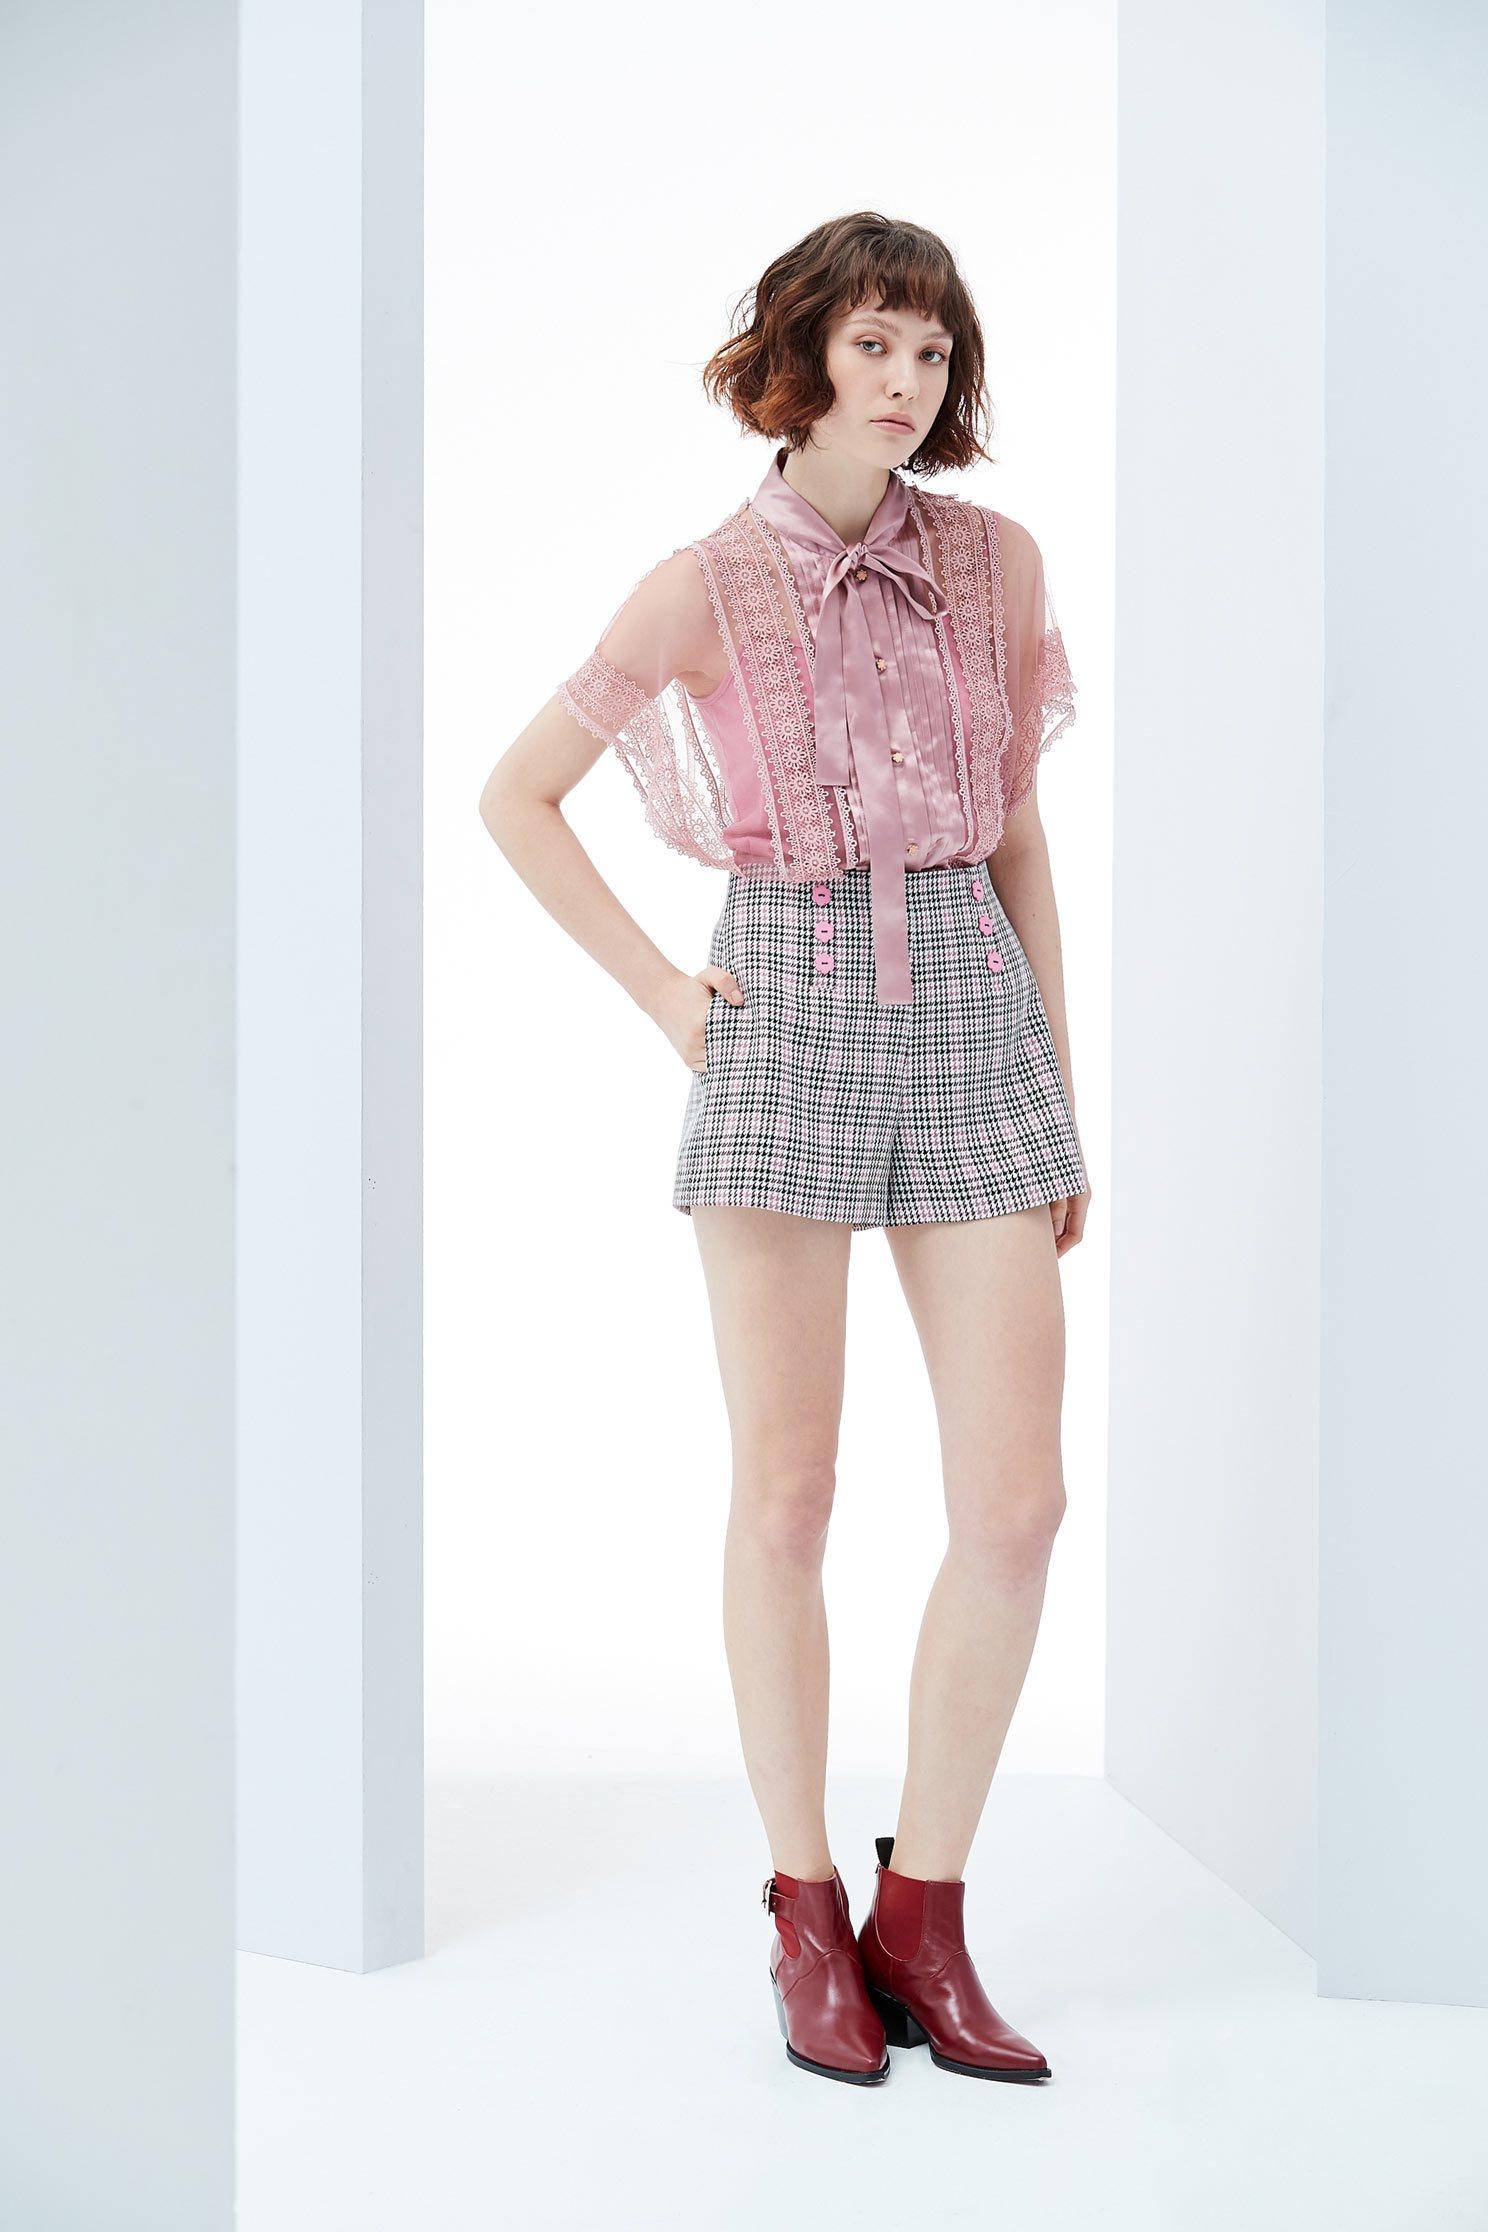 民族風繡花女人設計上衣 上衣 平織 短褲 | | 上衣 | | iROO